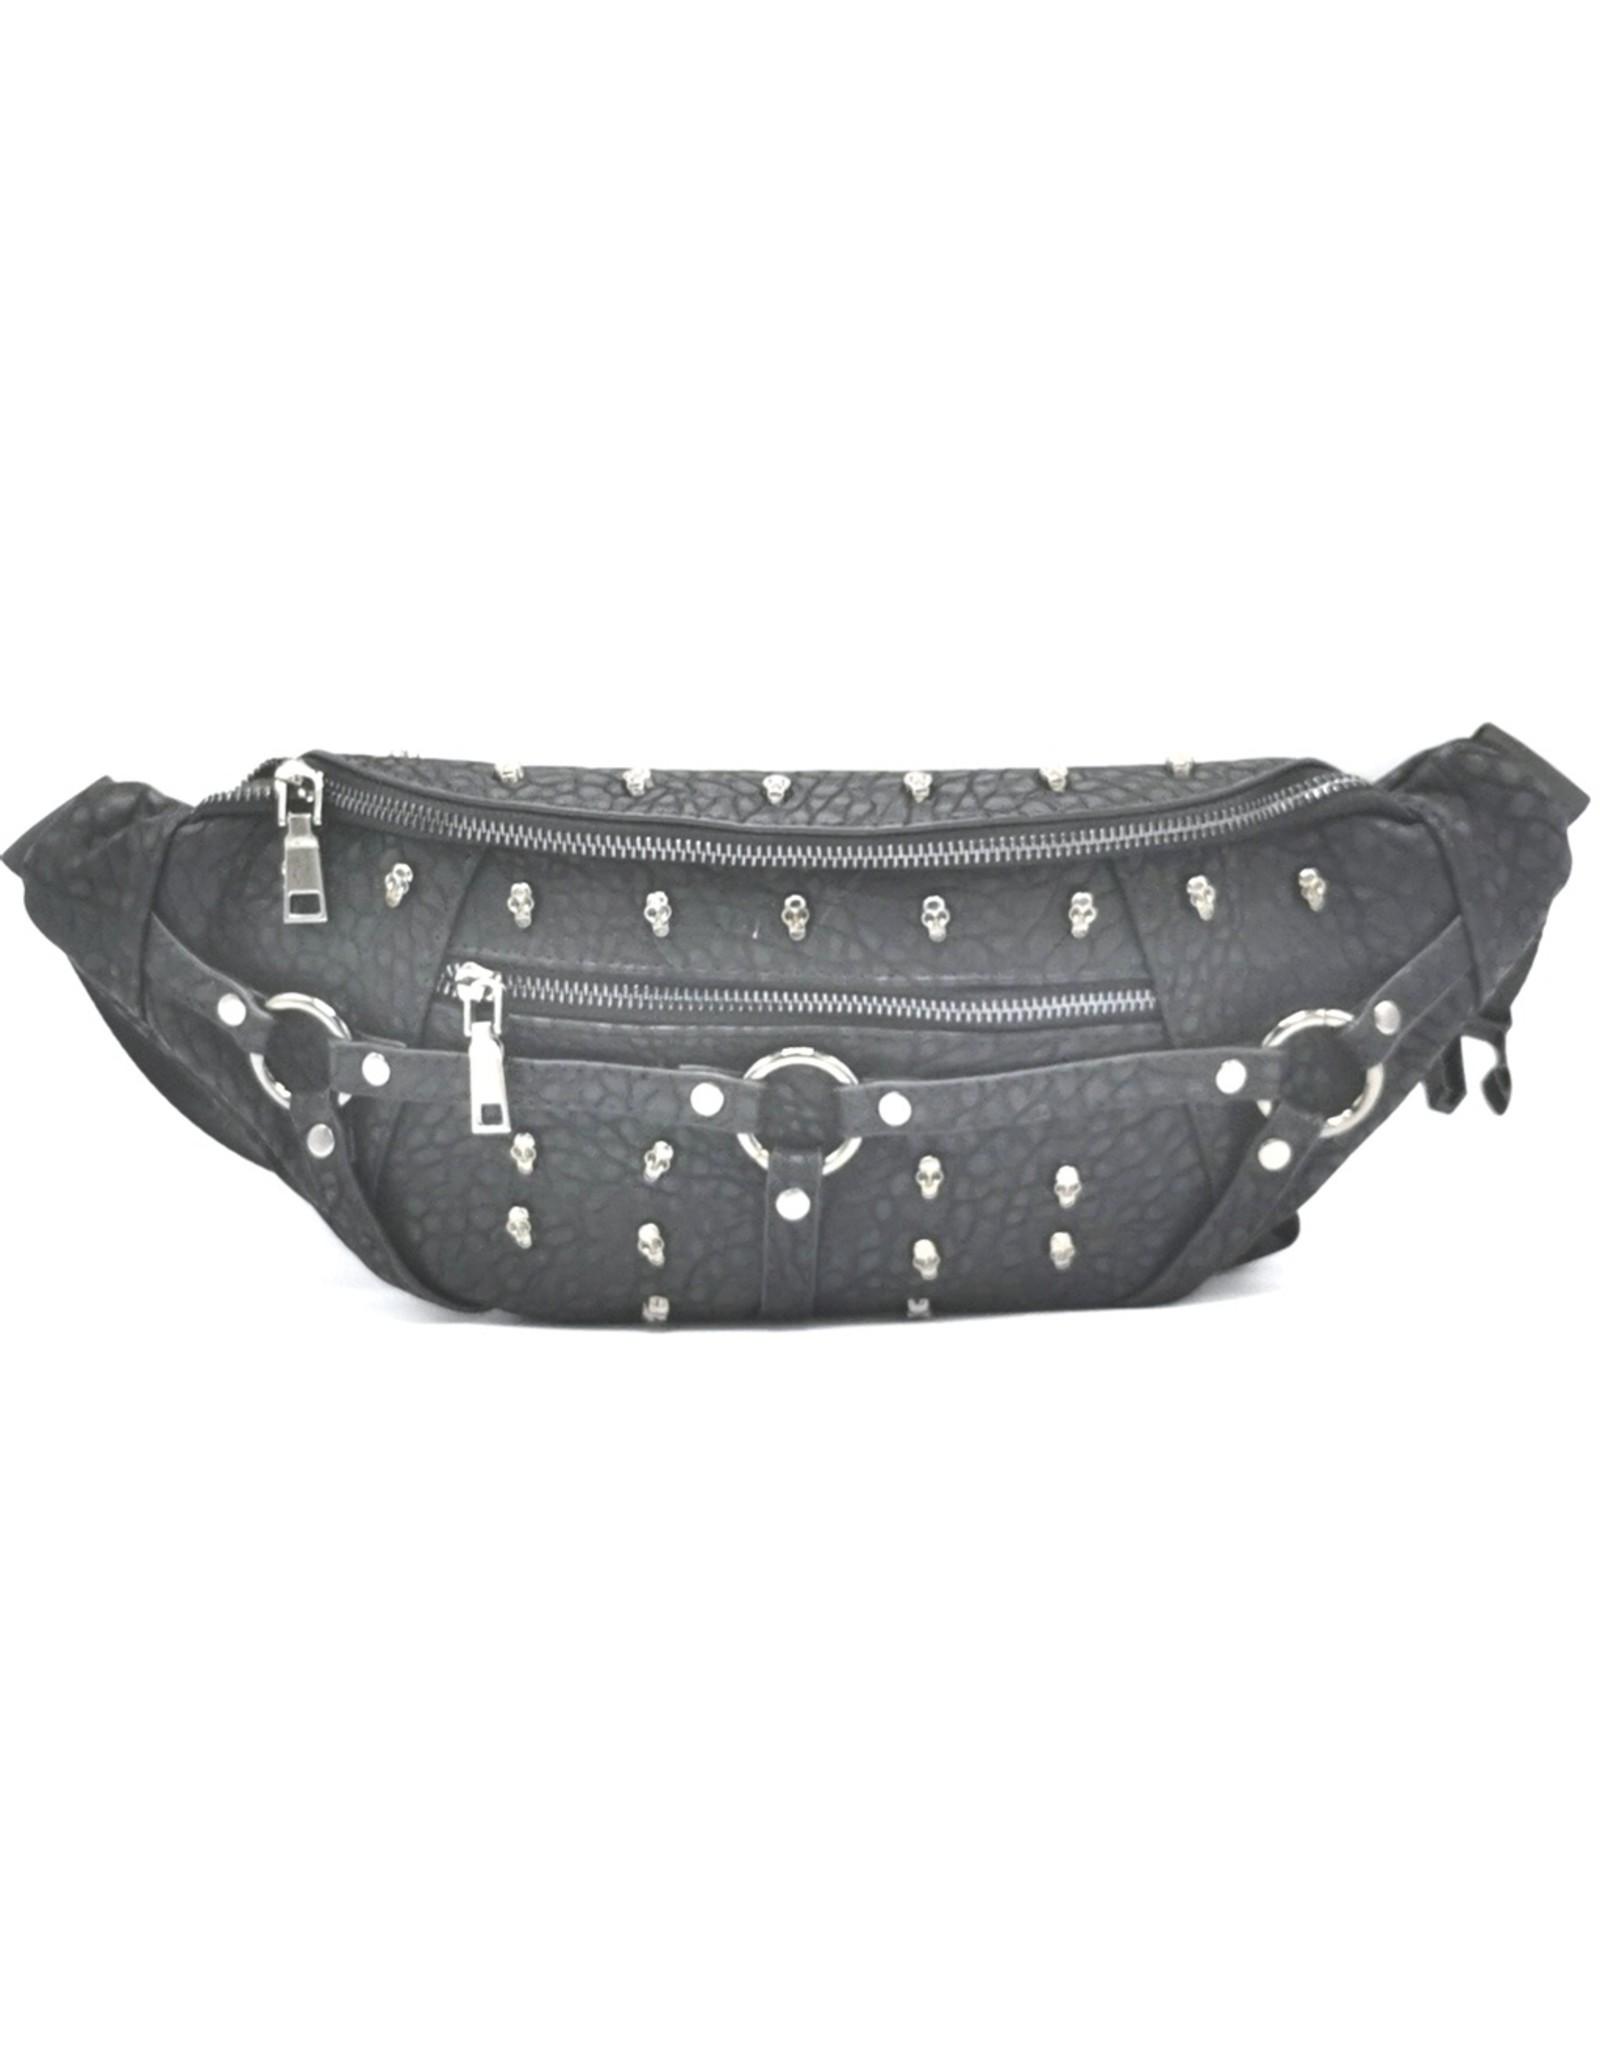 Dark Desire Gothic tassen Steampunk tassen -  Gothic heuptas met kleine metalen schedels